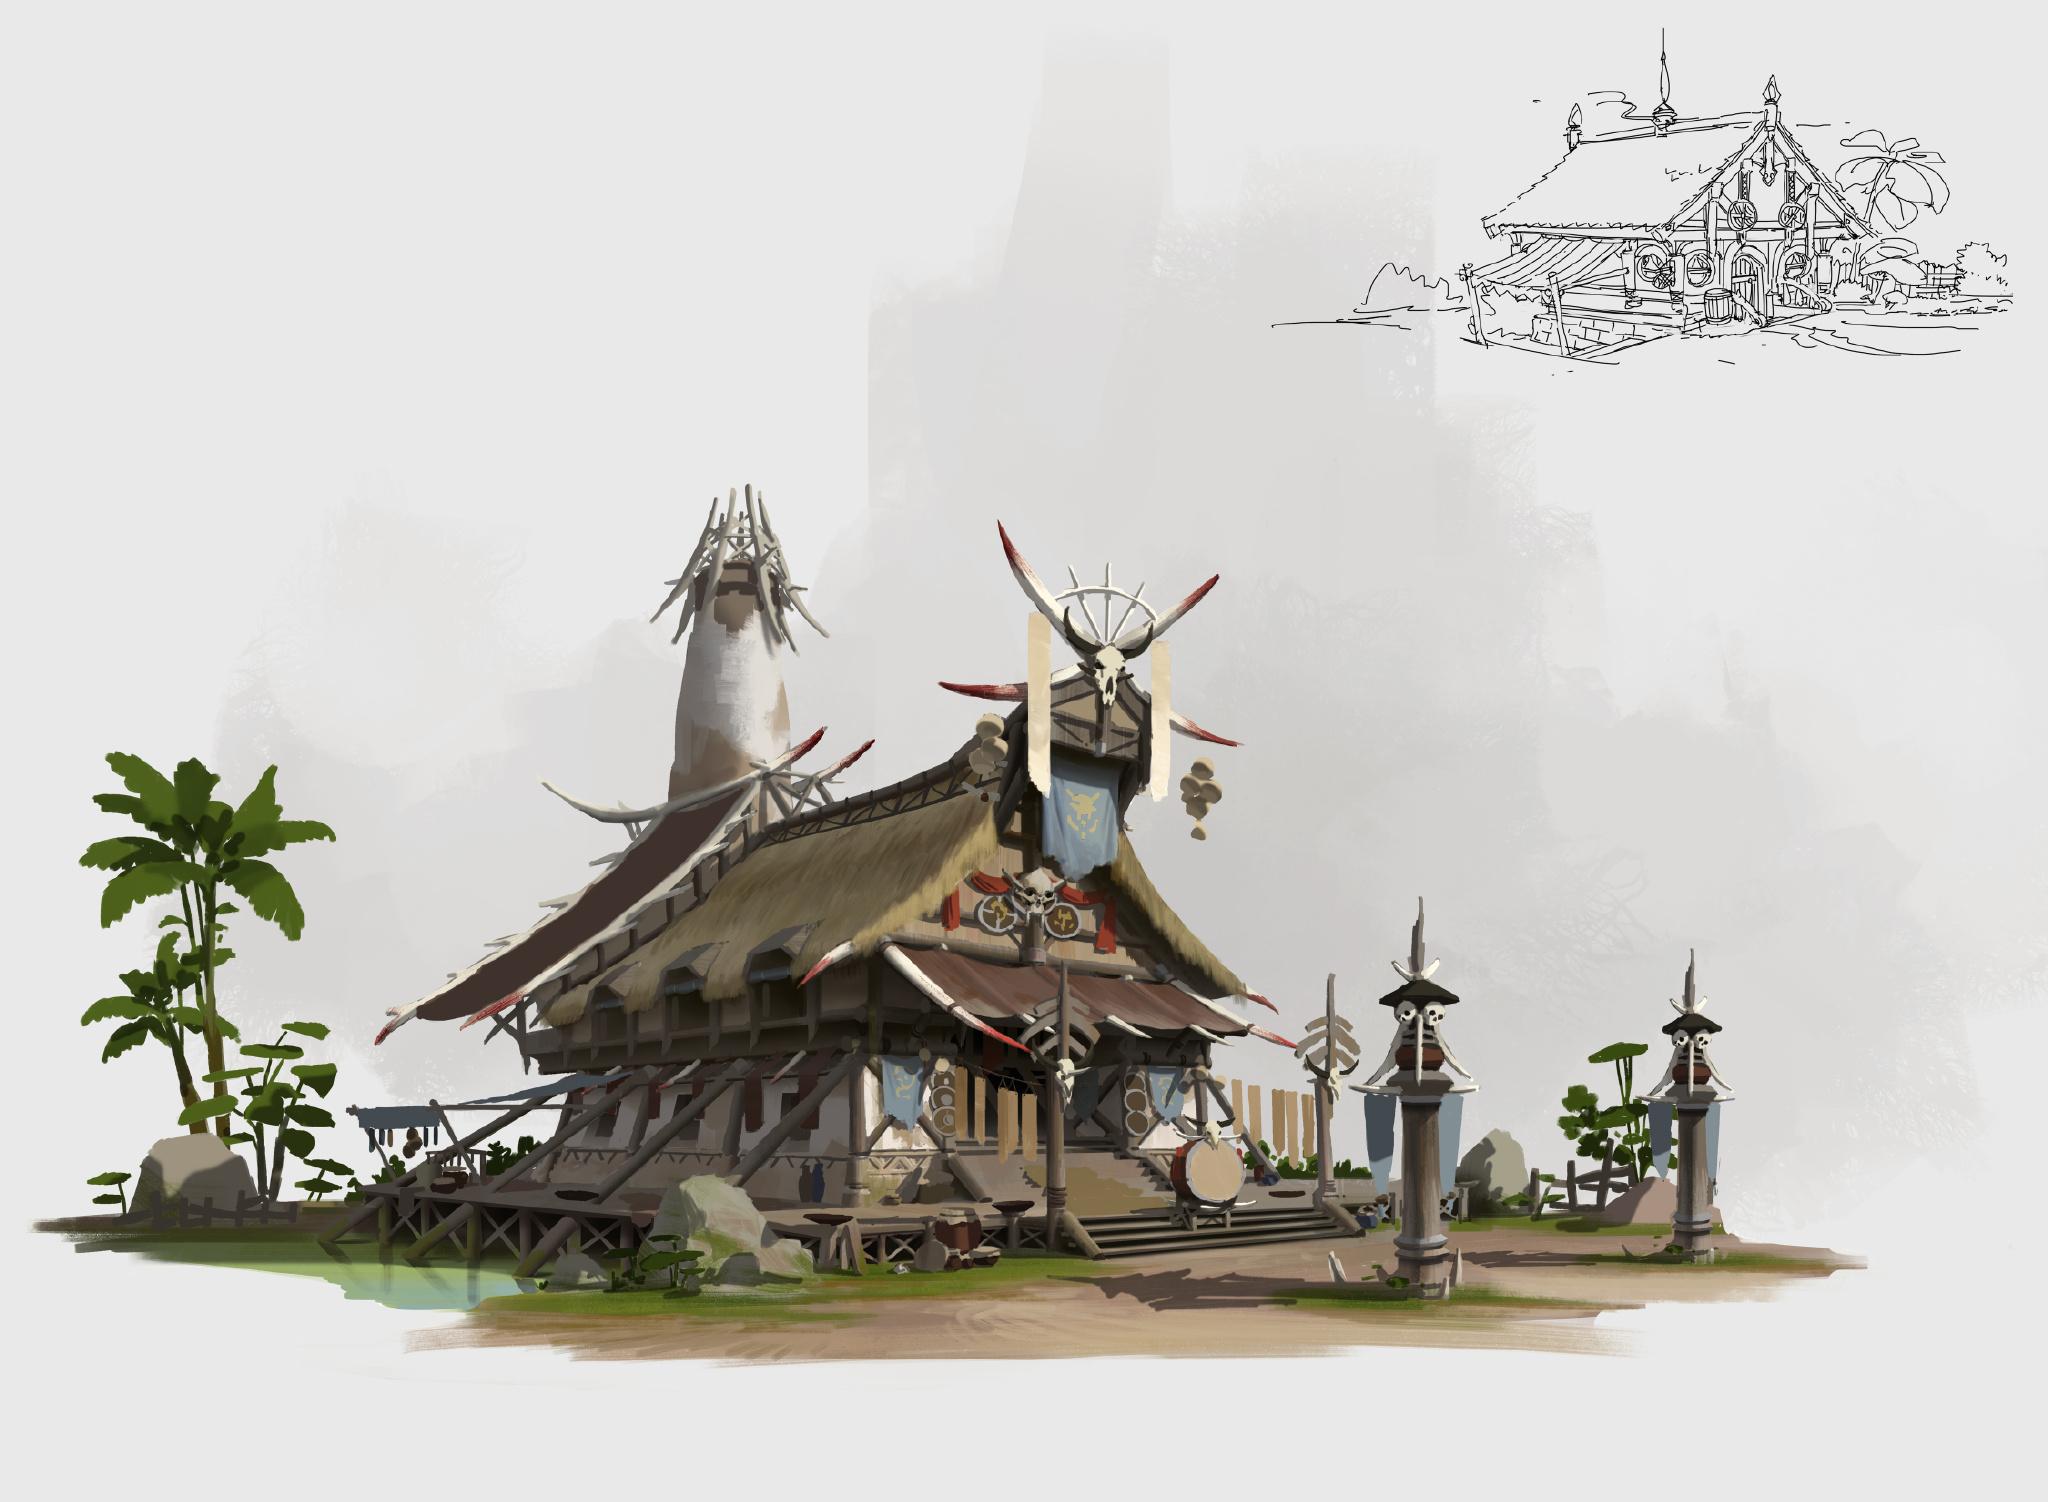 游戏原画场景设计 部落建筑详细过程图5